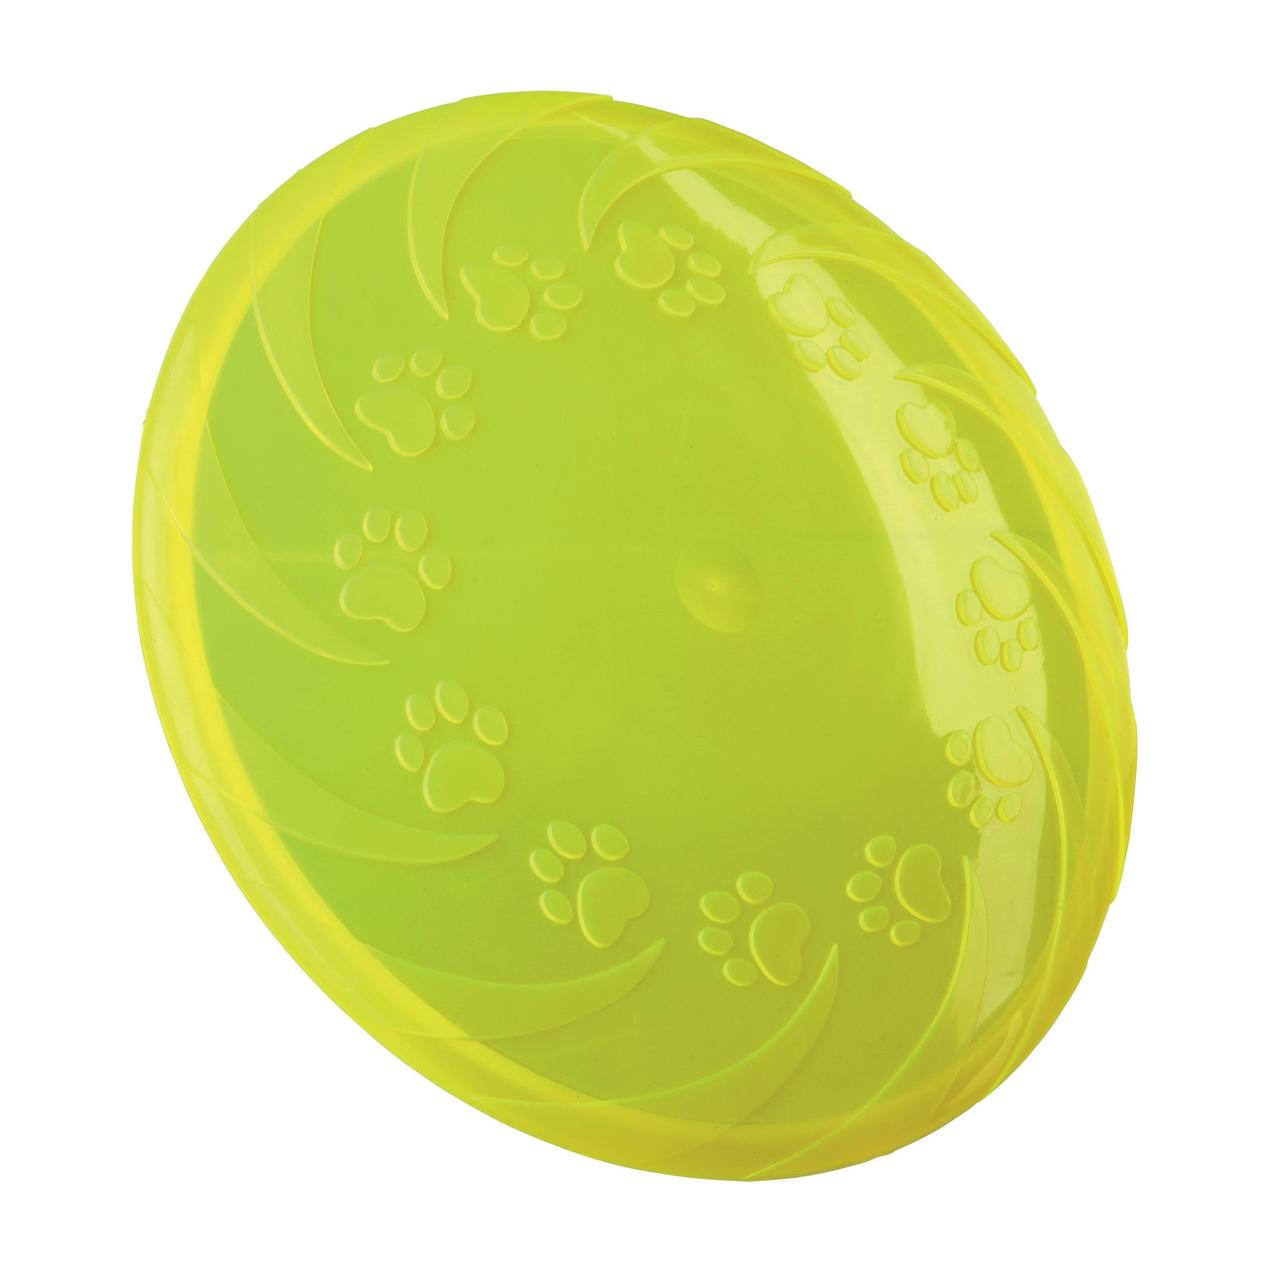 Игрушка для собак Trixie Летающая тарелка d=18 см (термопластичная резина, цвета в ассортименте)